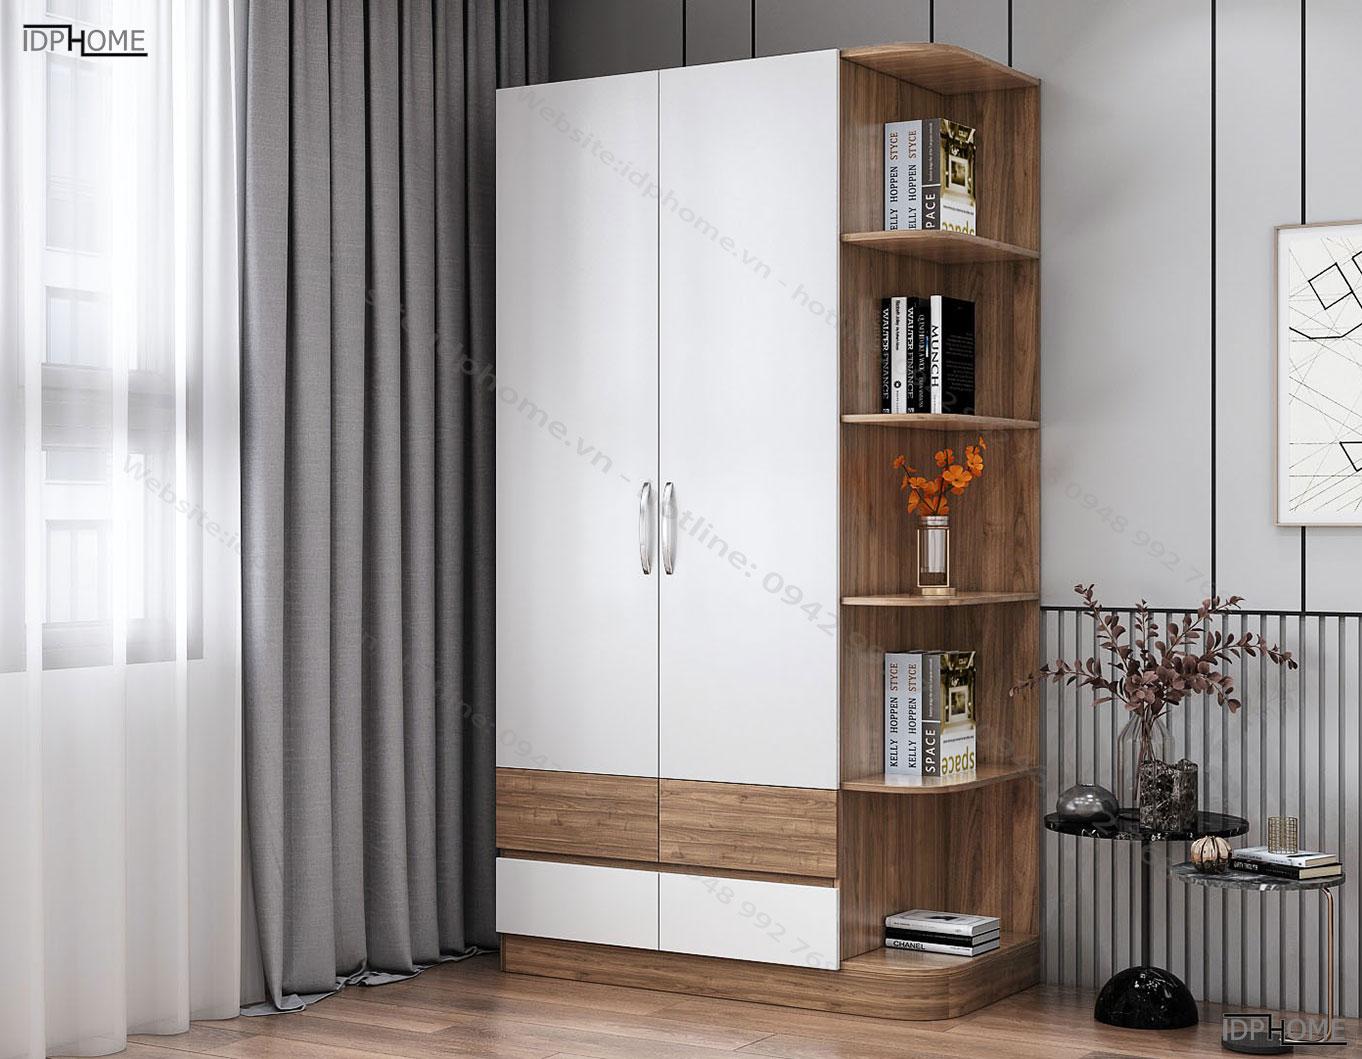 Tủ áo kết hợp giá trang trí TA6803